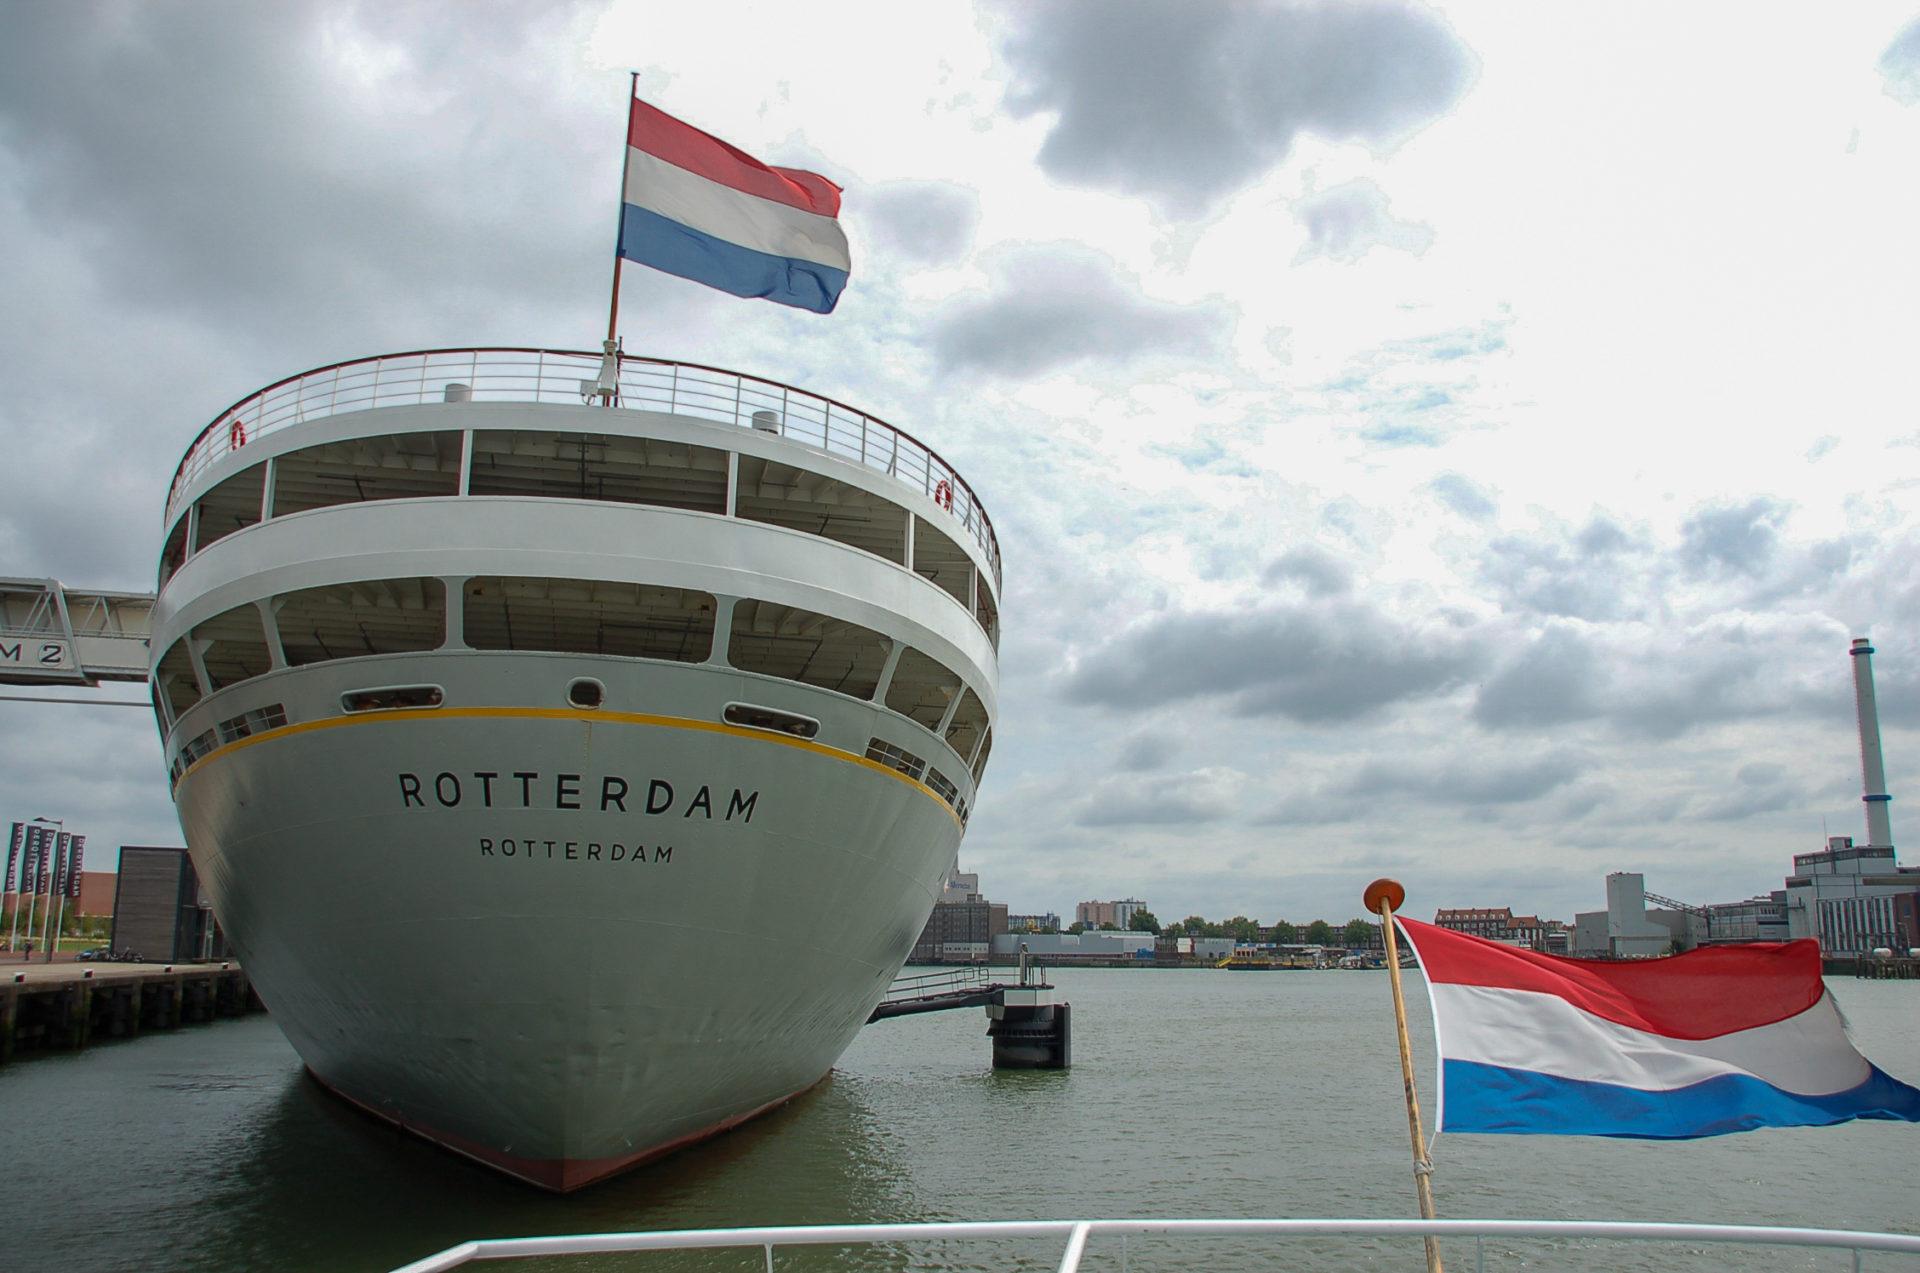 Die Rotterdam von außen mit holländischer Flagge